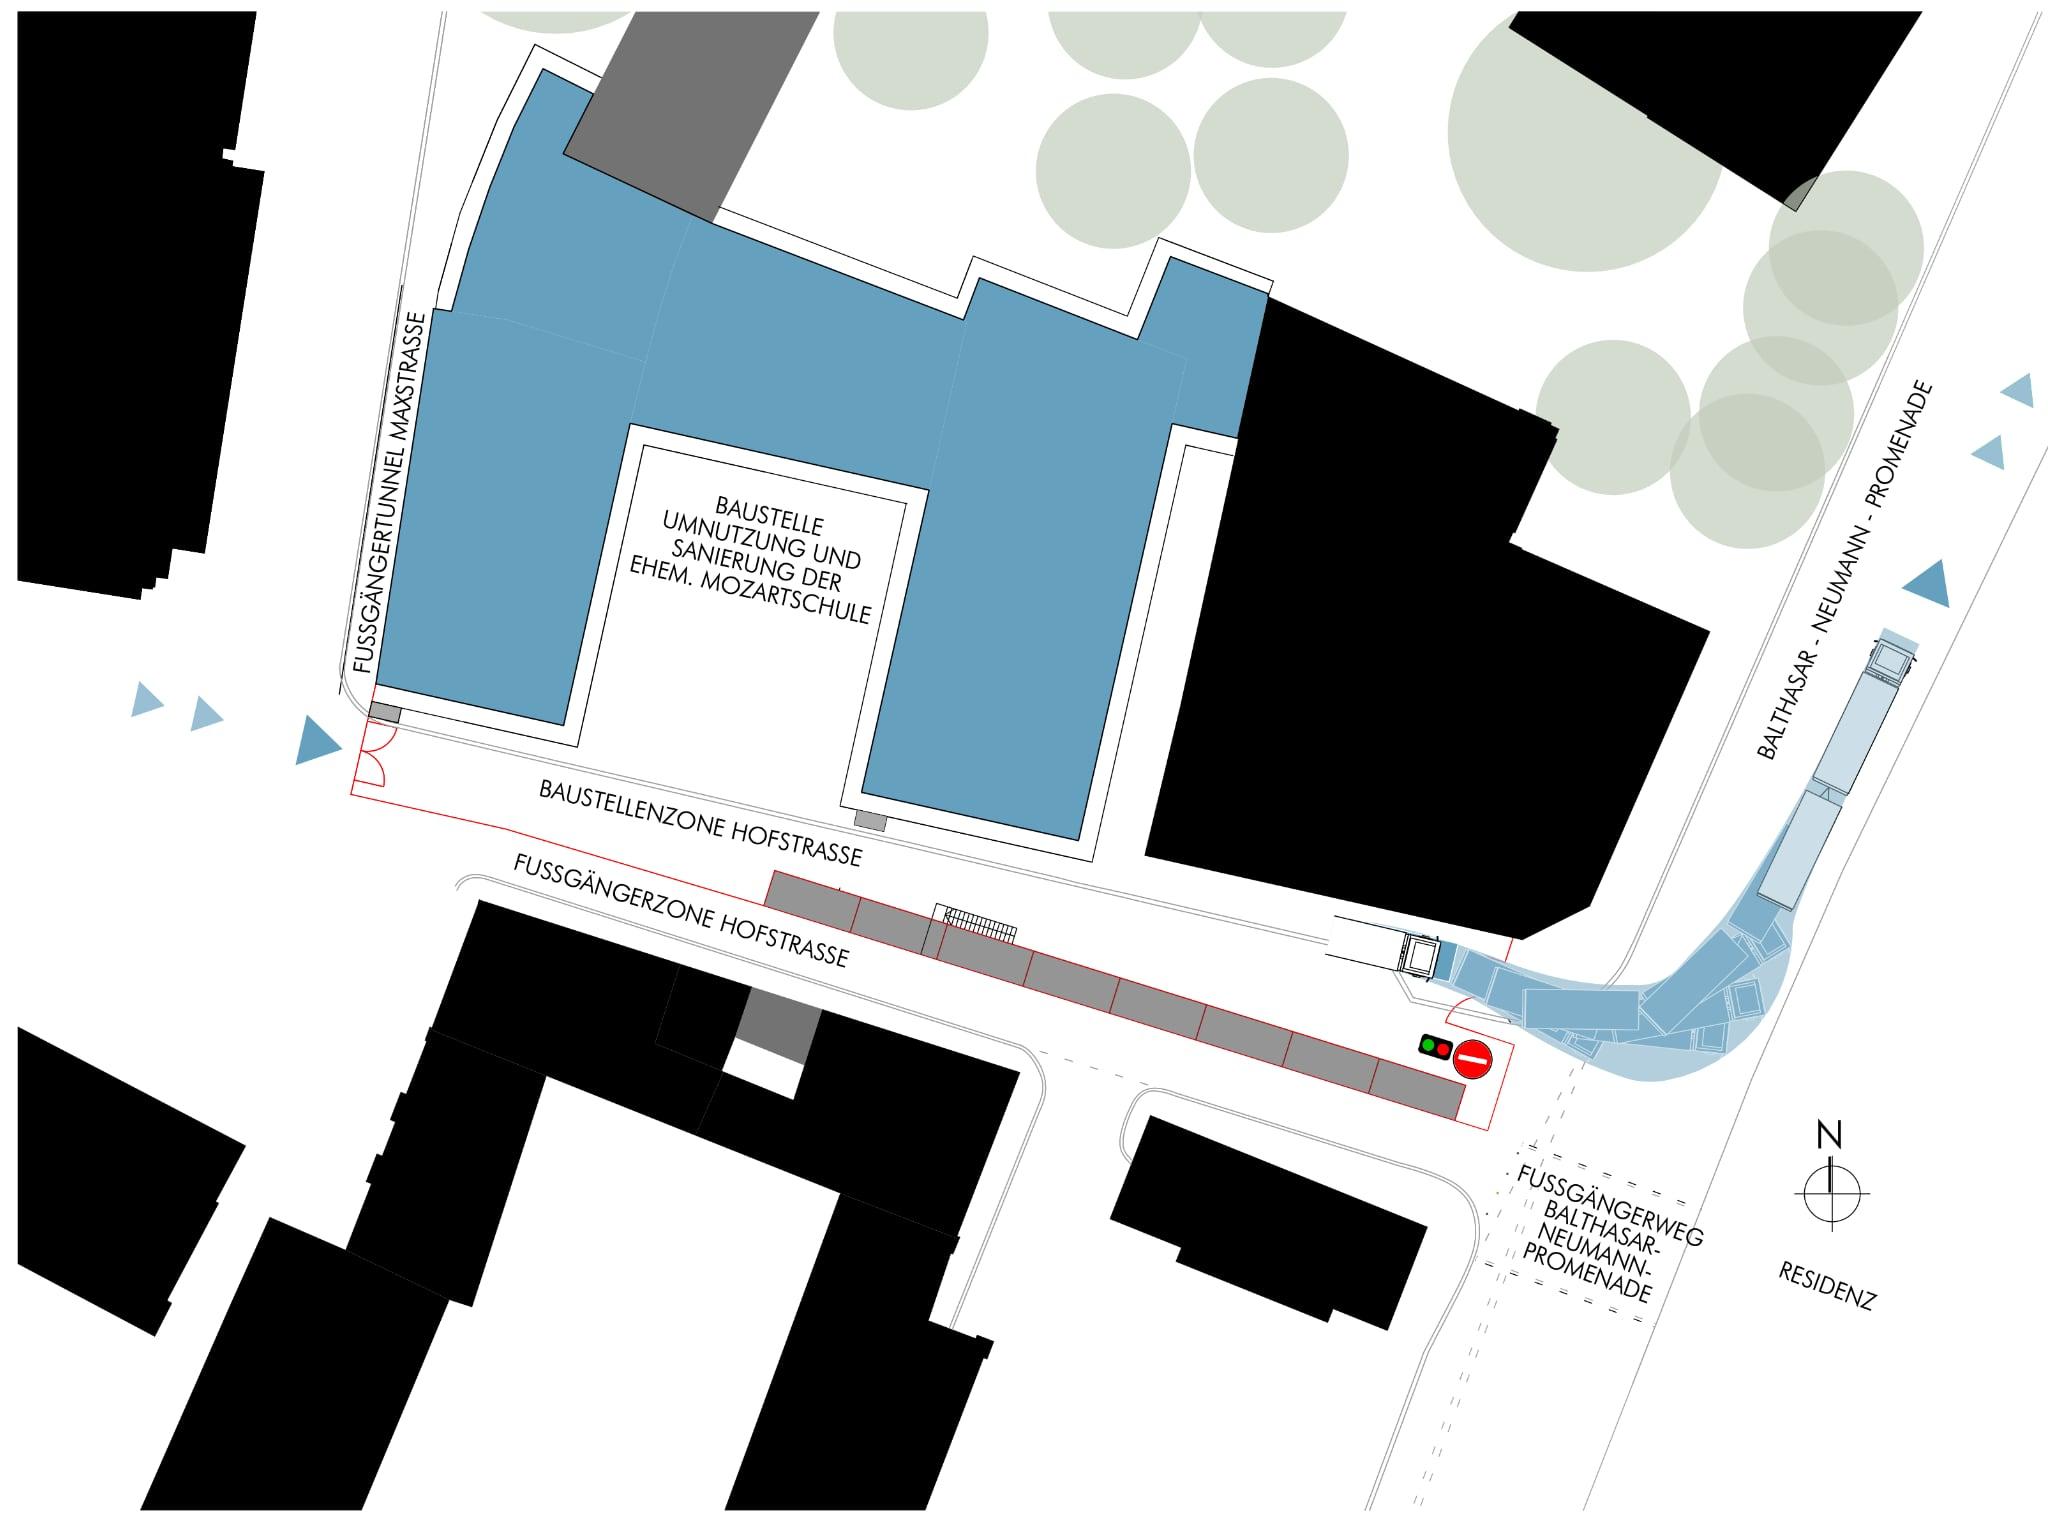 Die Baustellenabwicklung zum MOZ. Grafik: Fachbereich Hochbau/ Stadt Würzburg